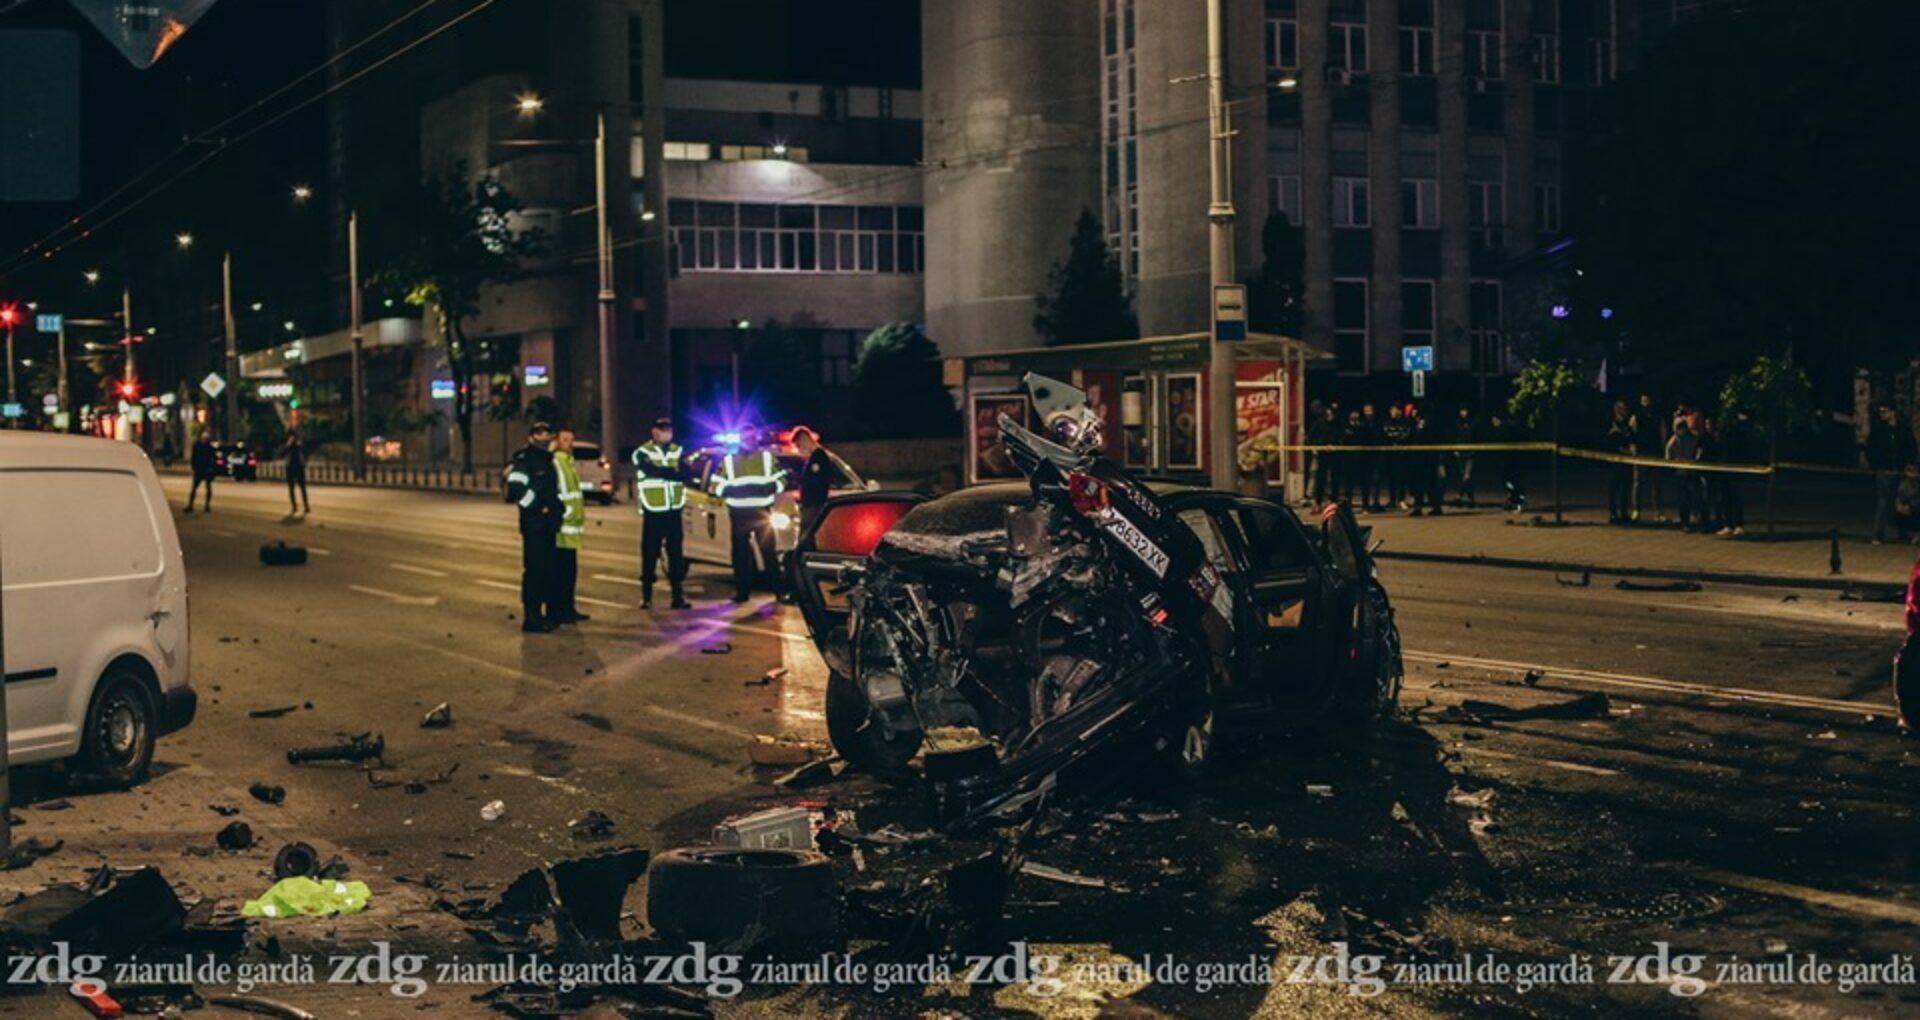 Șoferul de la volanul mașinii Audi, care a provocat accidentul de pe bd. Ștefan cel Mare, și-a recunoscut vina și va compărea în fața magistraților